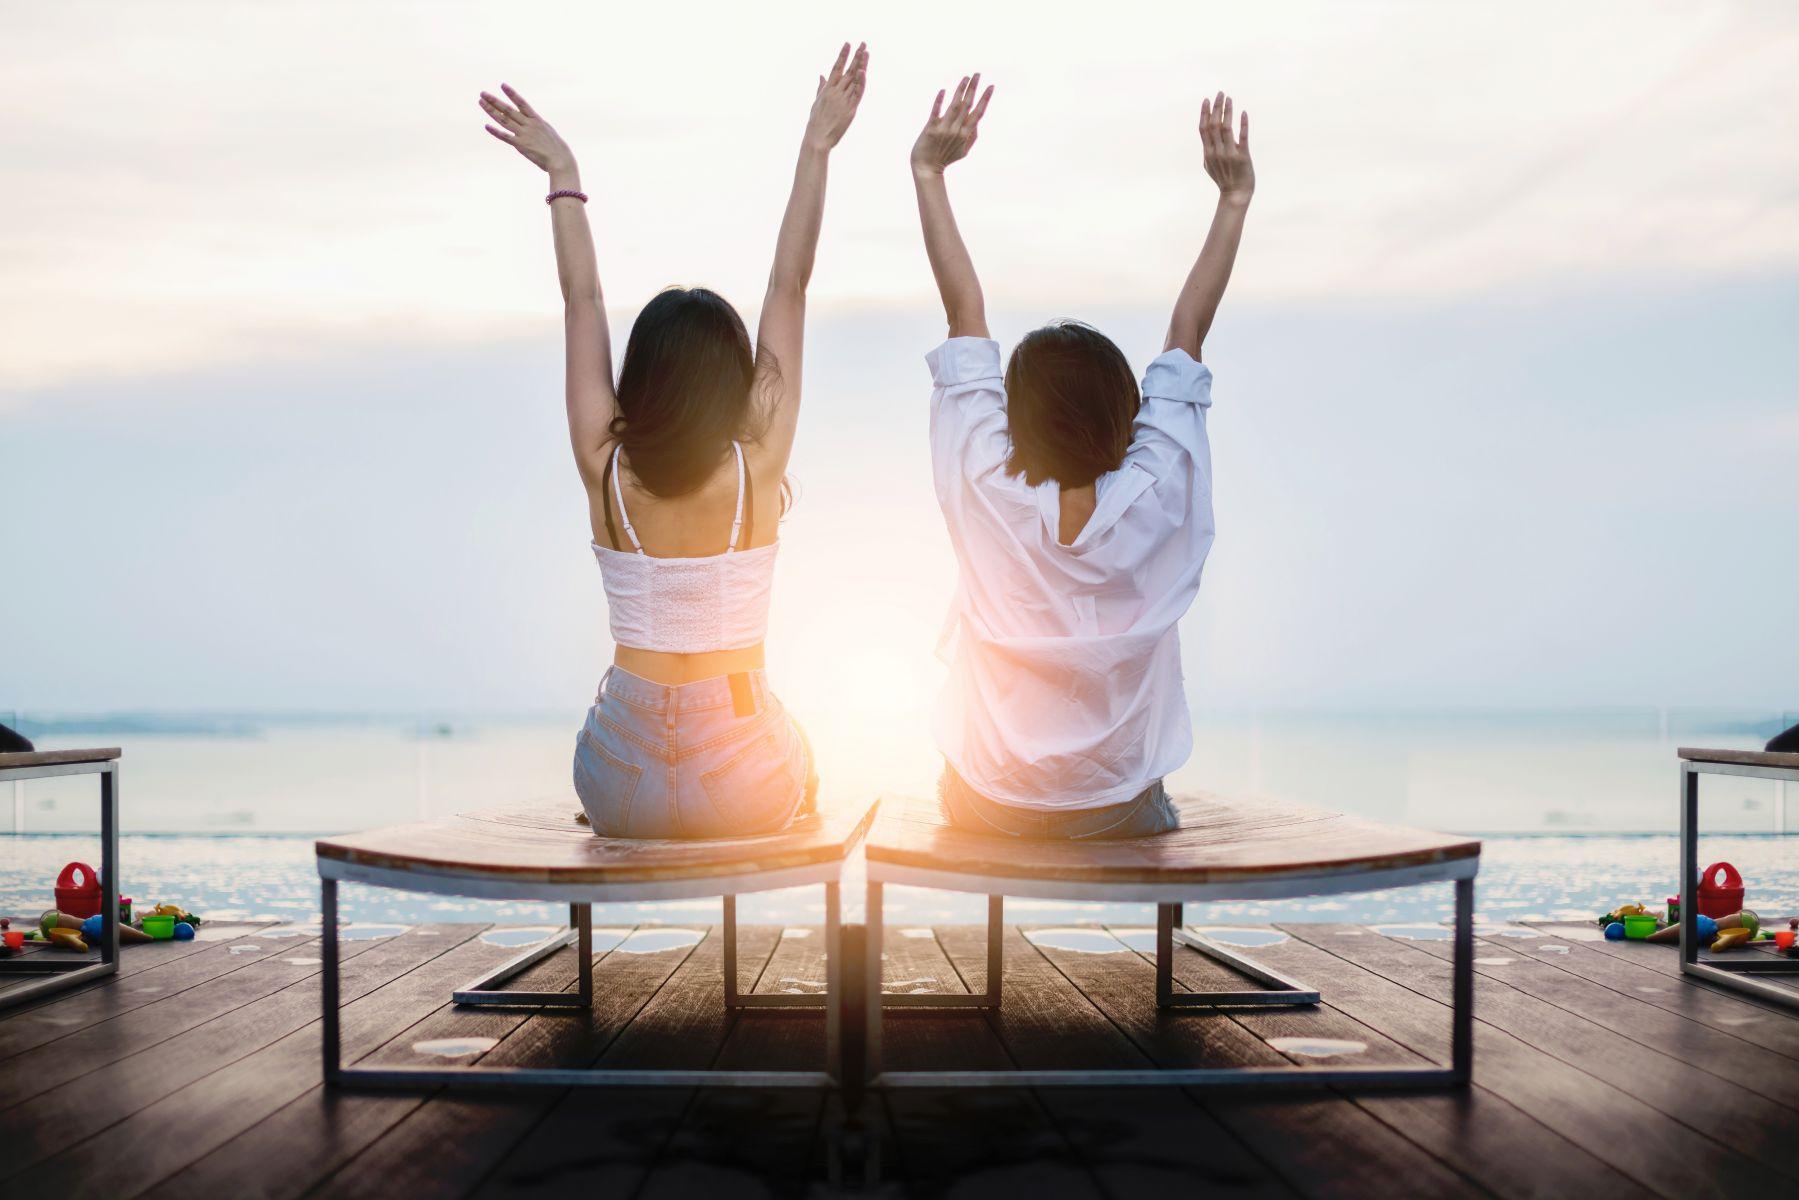 40歲後,認真思考往後的人生!雪兒體悟:中場休息的「旅行」,才能創造出快樂第二人生!